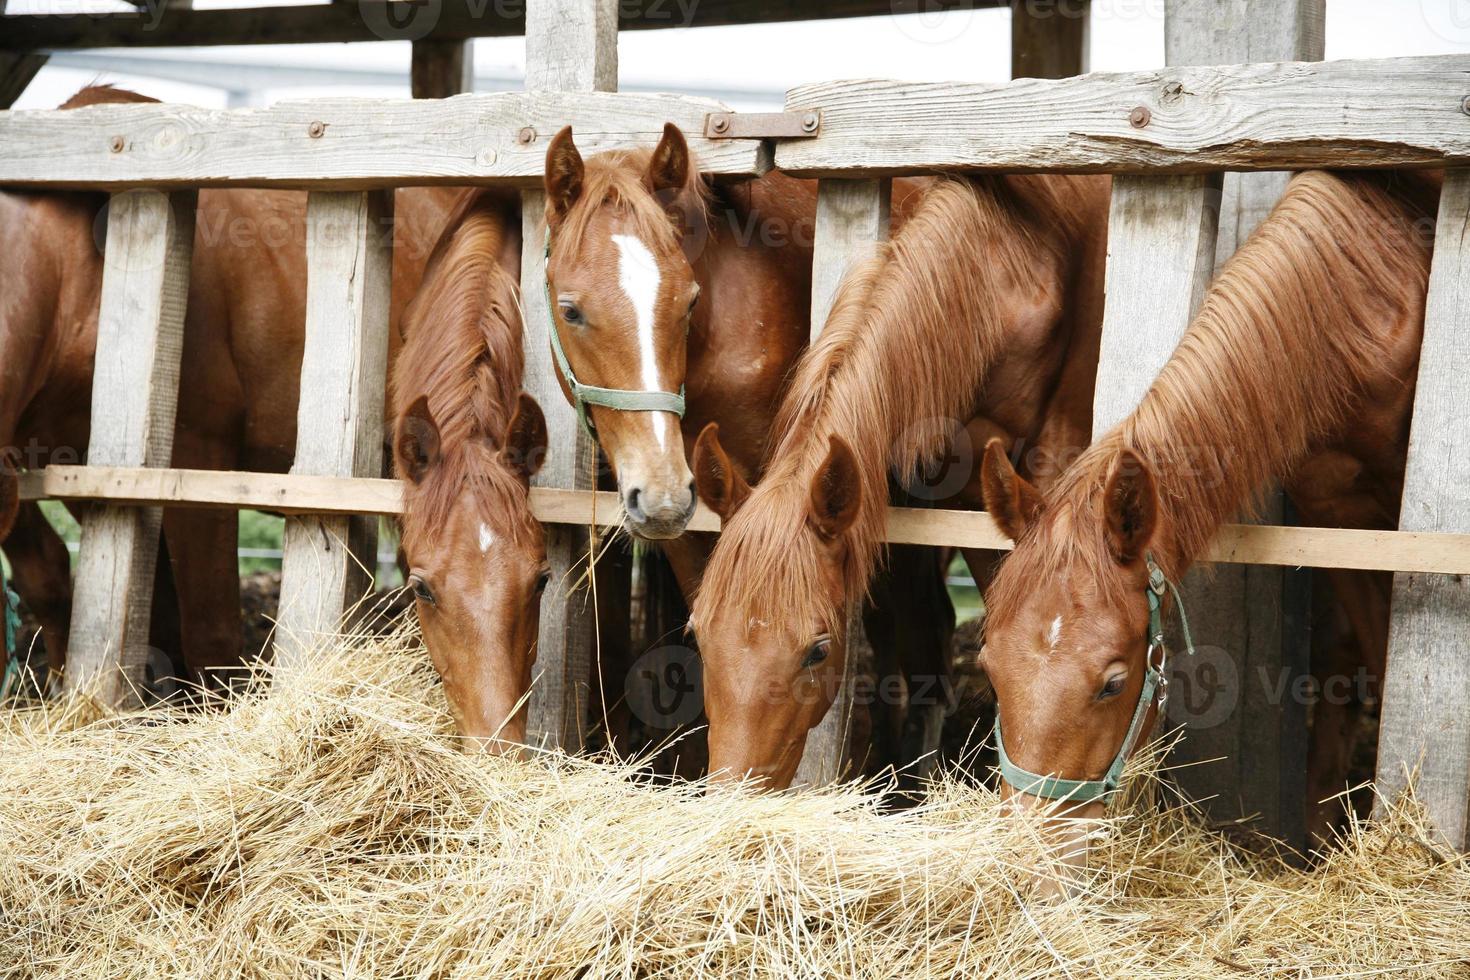 bellissimi giovani cavalli che condividono il fieno nell'allevamento di cavalli foto